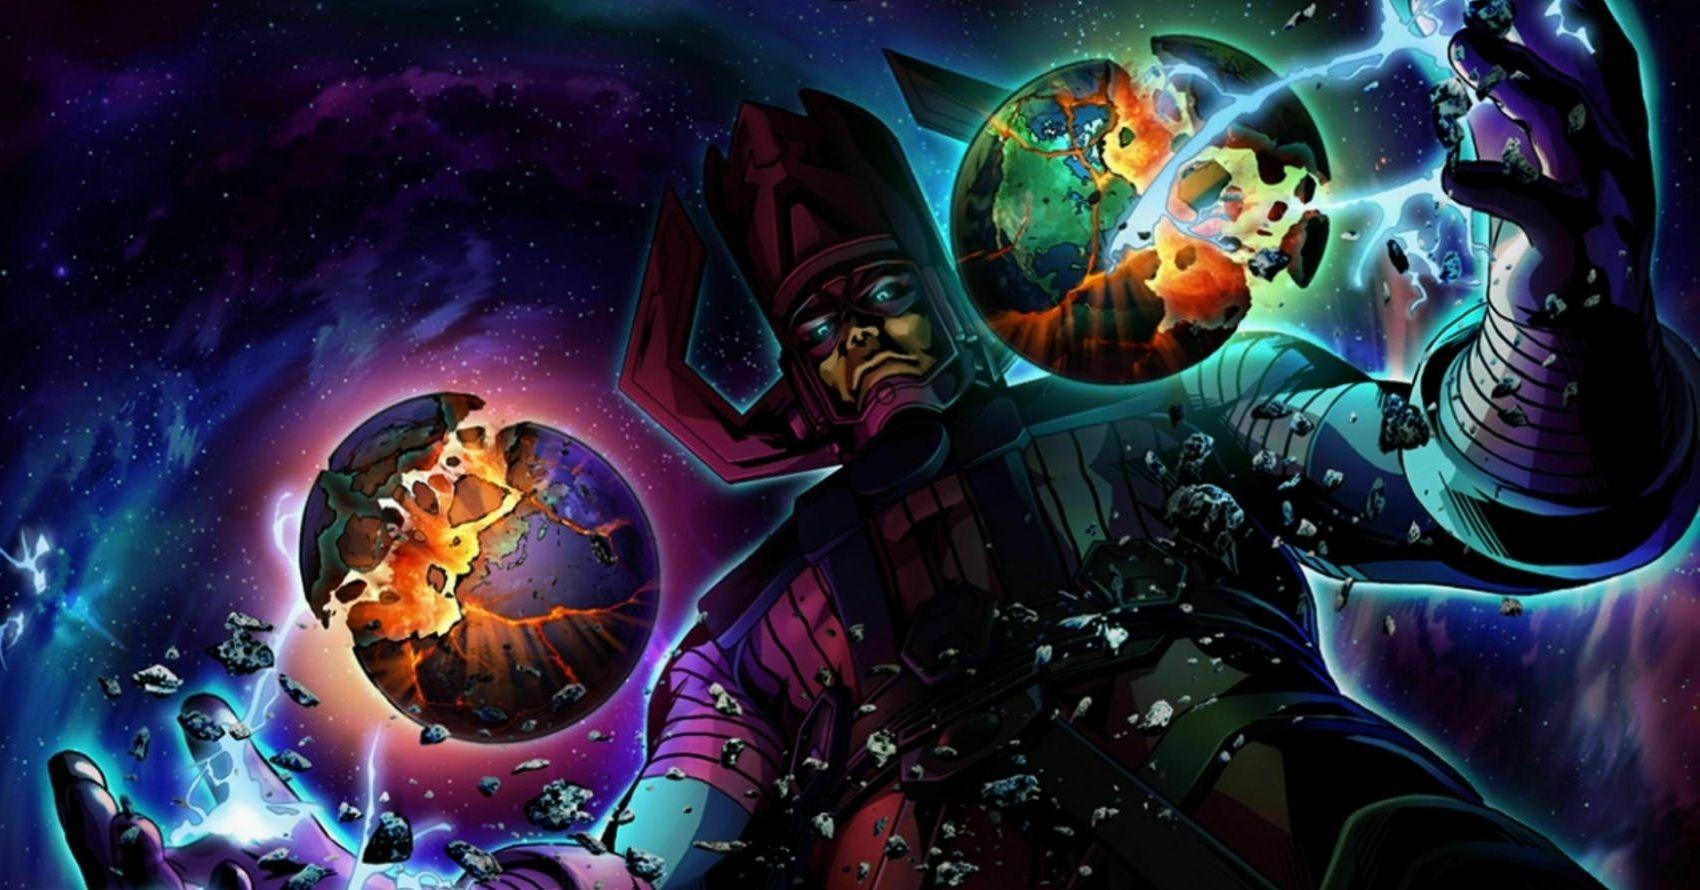 Galactus: conheça o Devorador de Mundos da Marvel